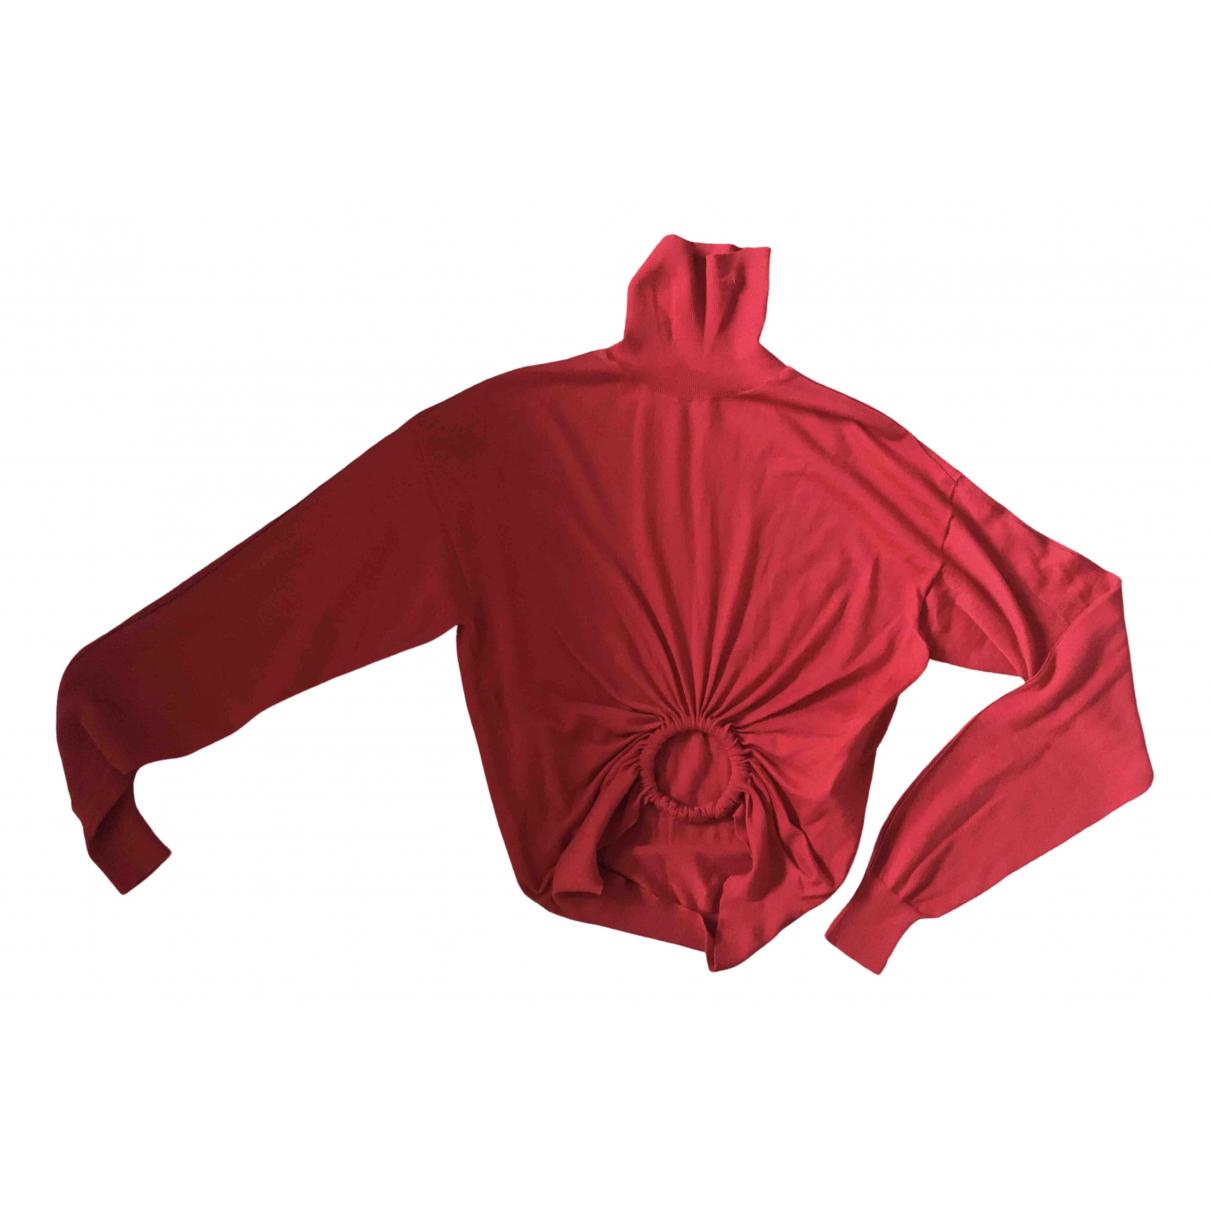 Celine \N Red Cashmere Knitwear for Women XS International